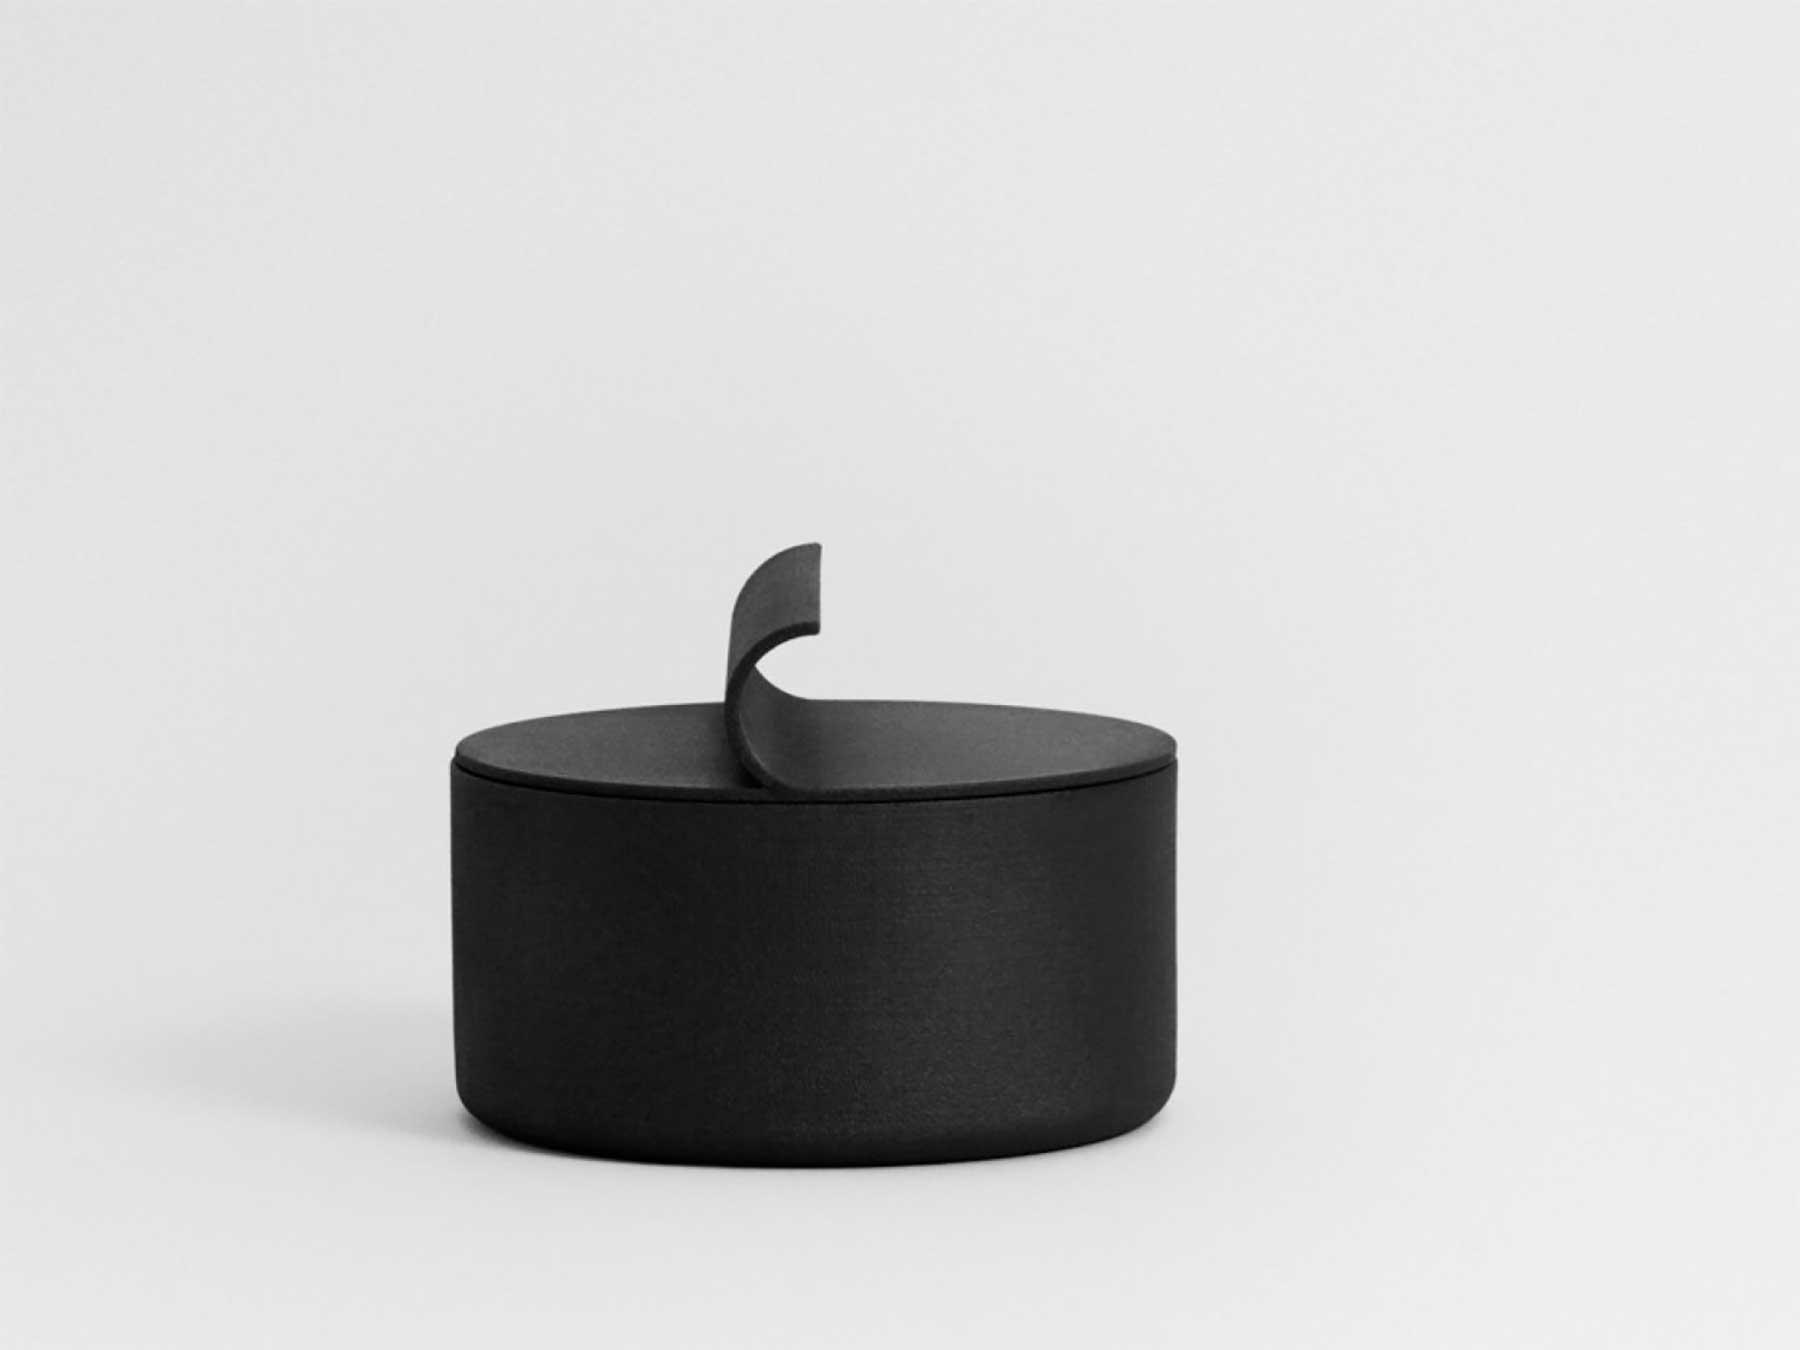 Minimalistisches Alltags-Design: OTHR OTHR-design_08